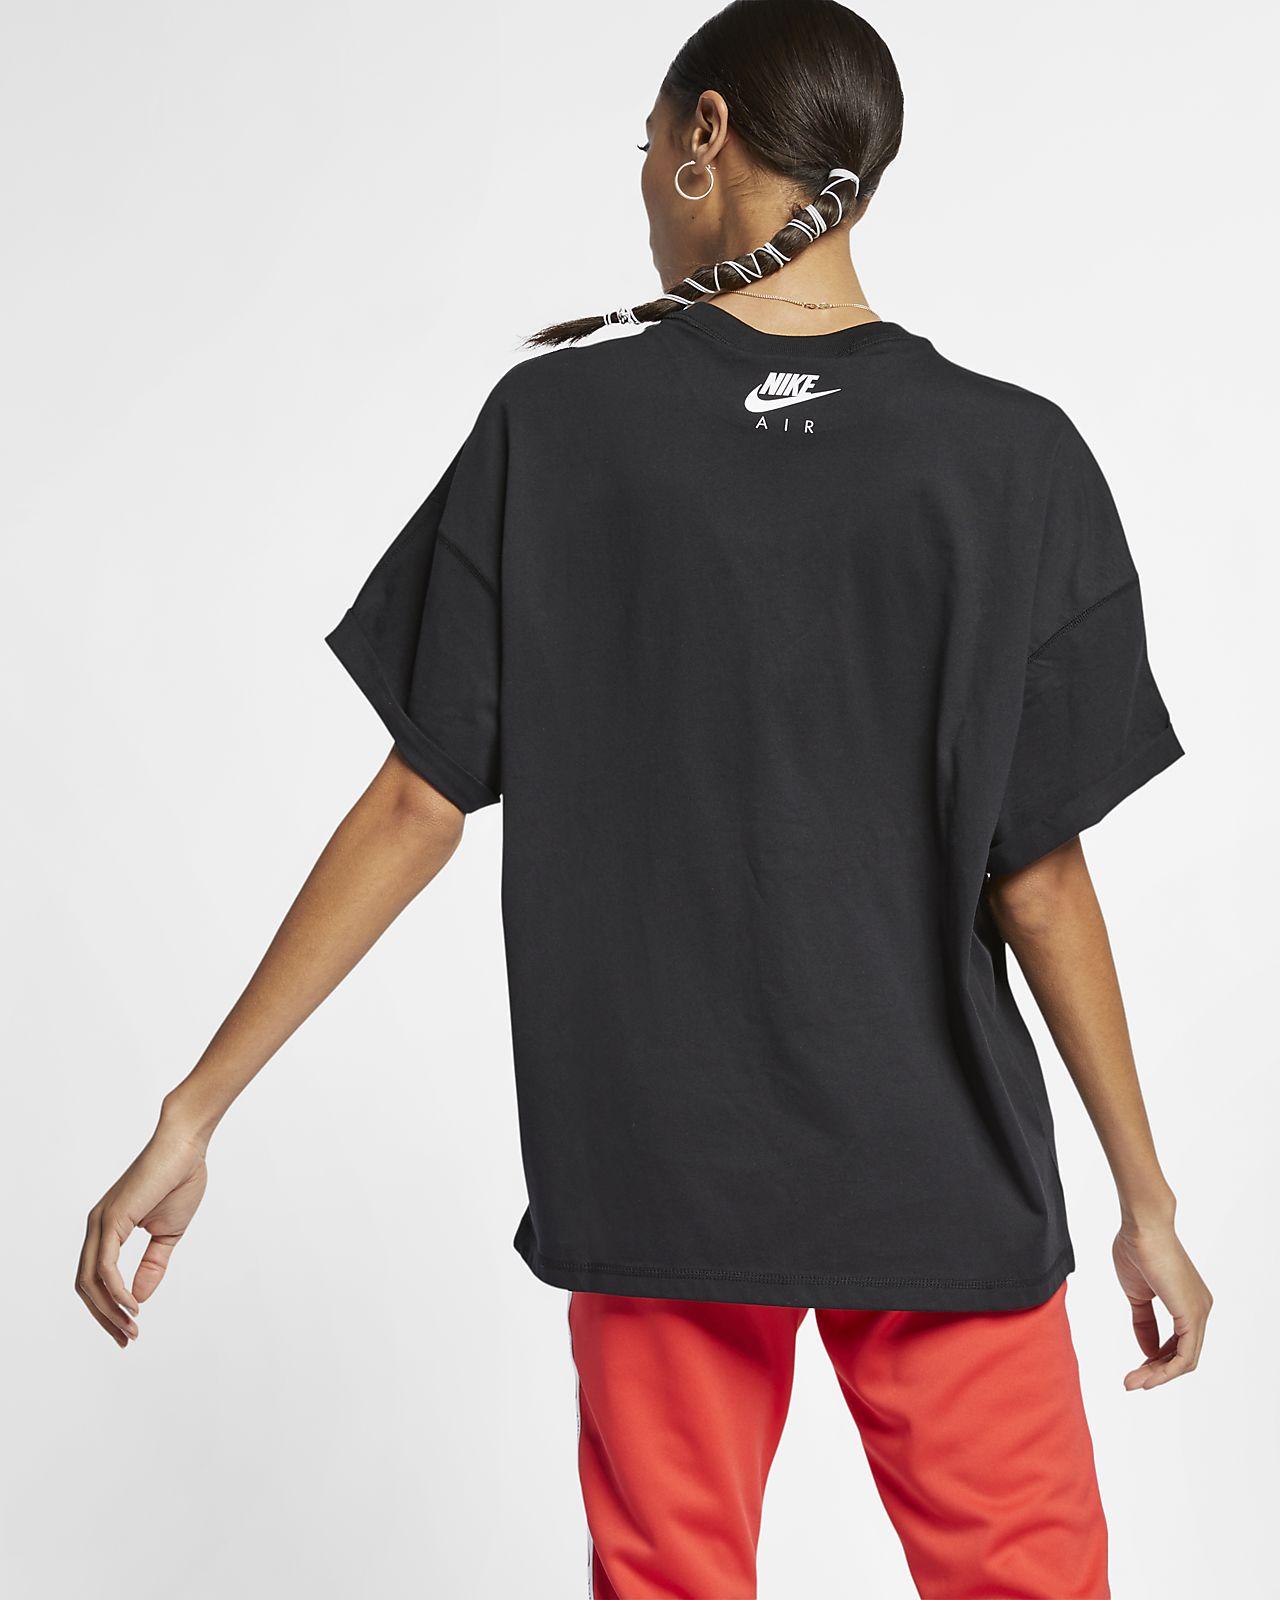 big sale 47b84 747a7 ... Topp Nike Air för kvinnor